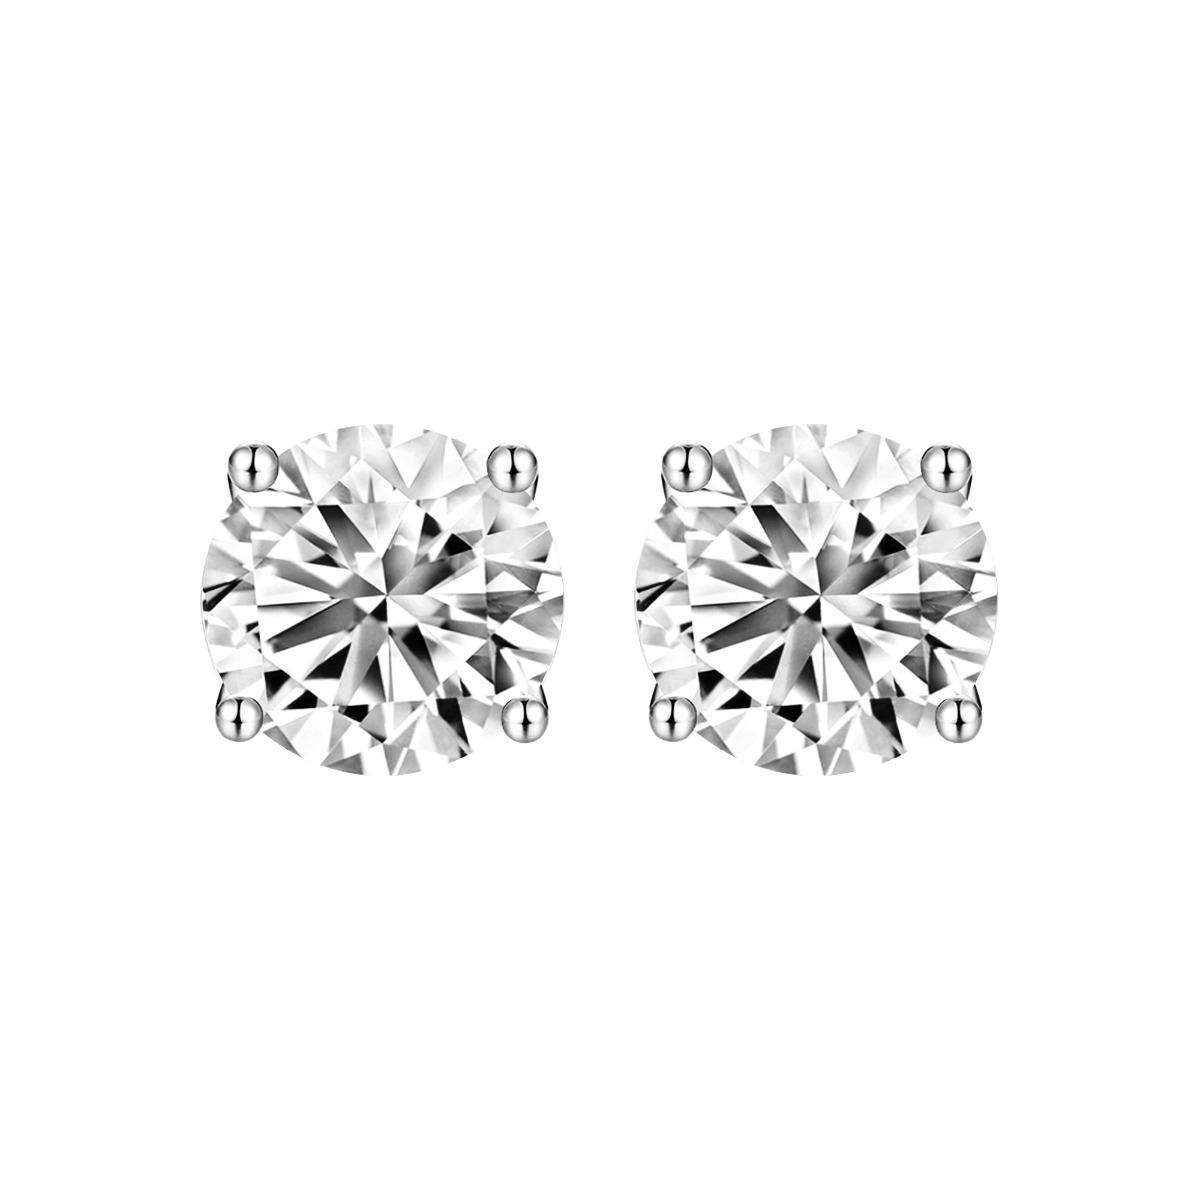 1.00ct tw. Diamond Stud Earrings | 18K White Gold